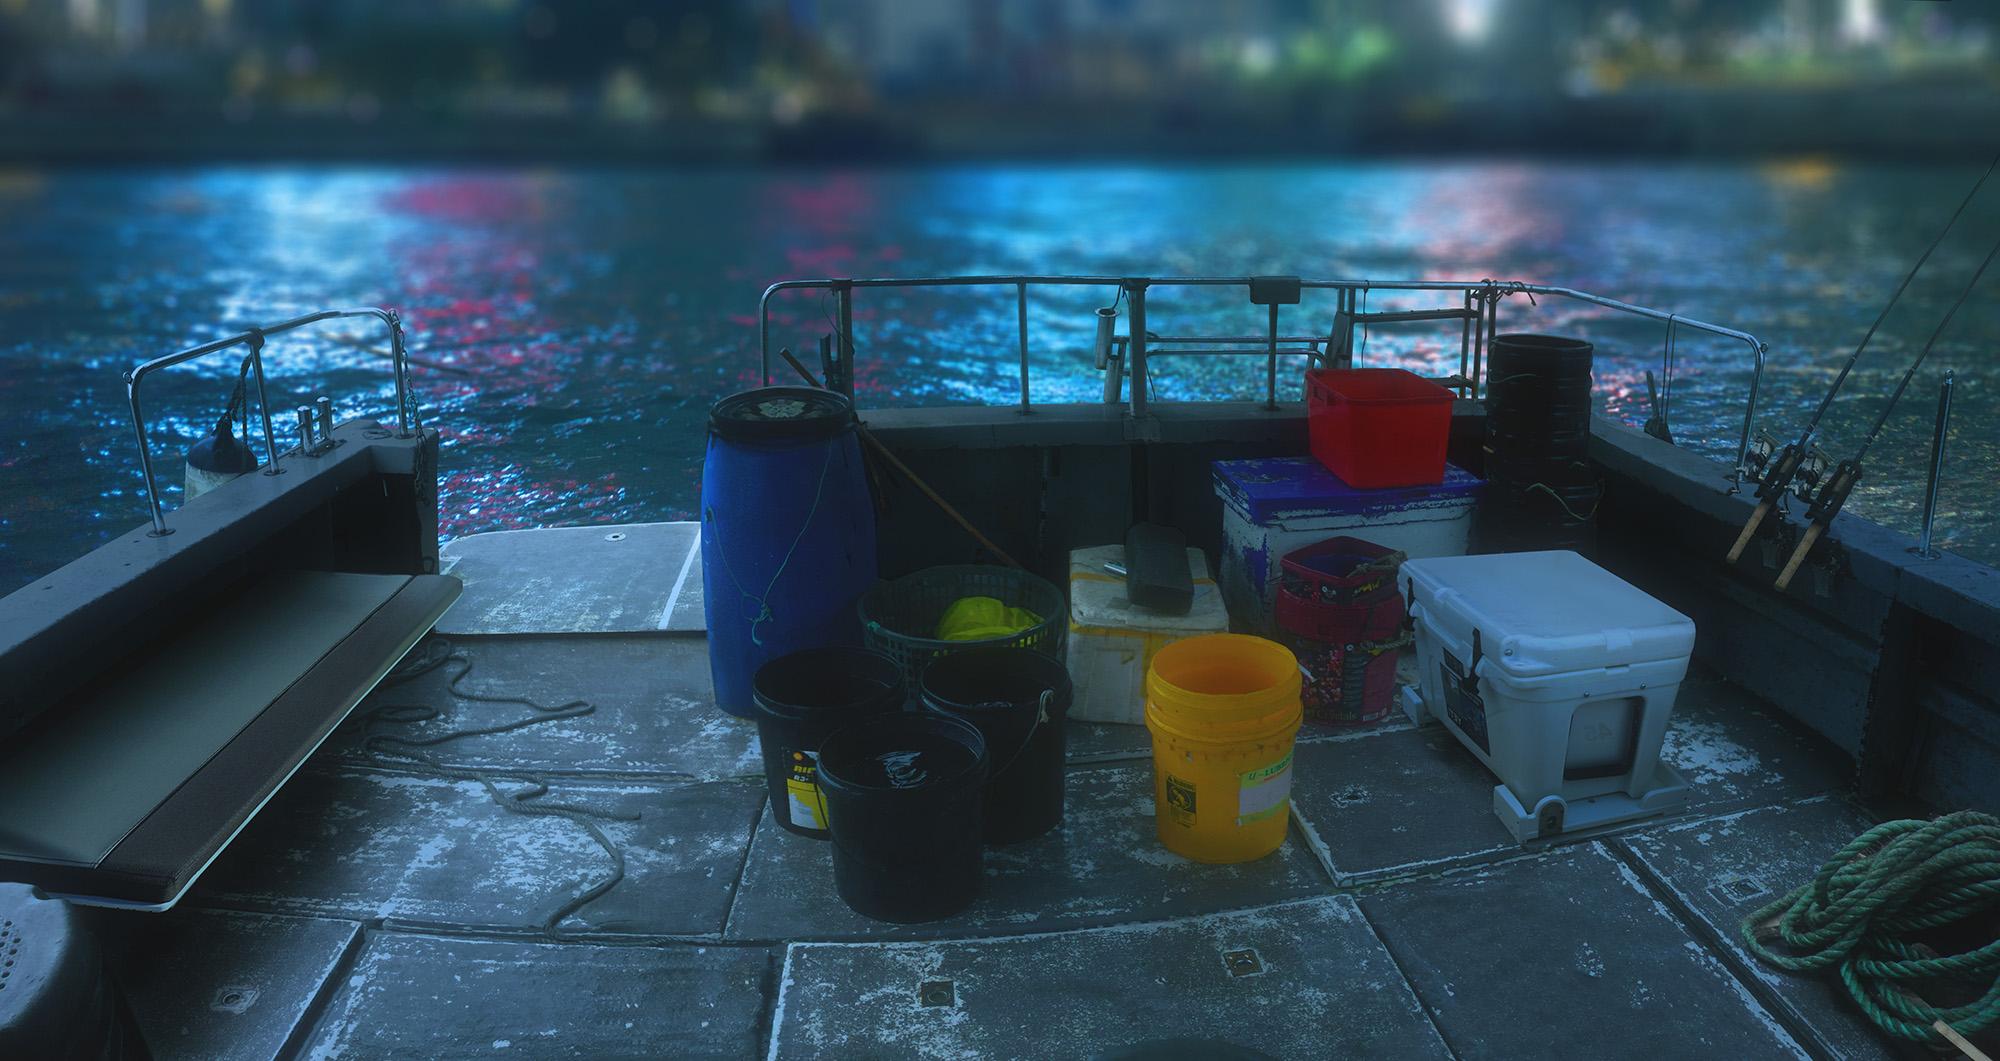 052716_VEH_BatouBoat_MK_03.jpg